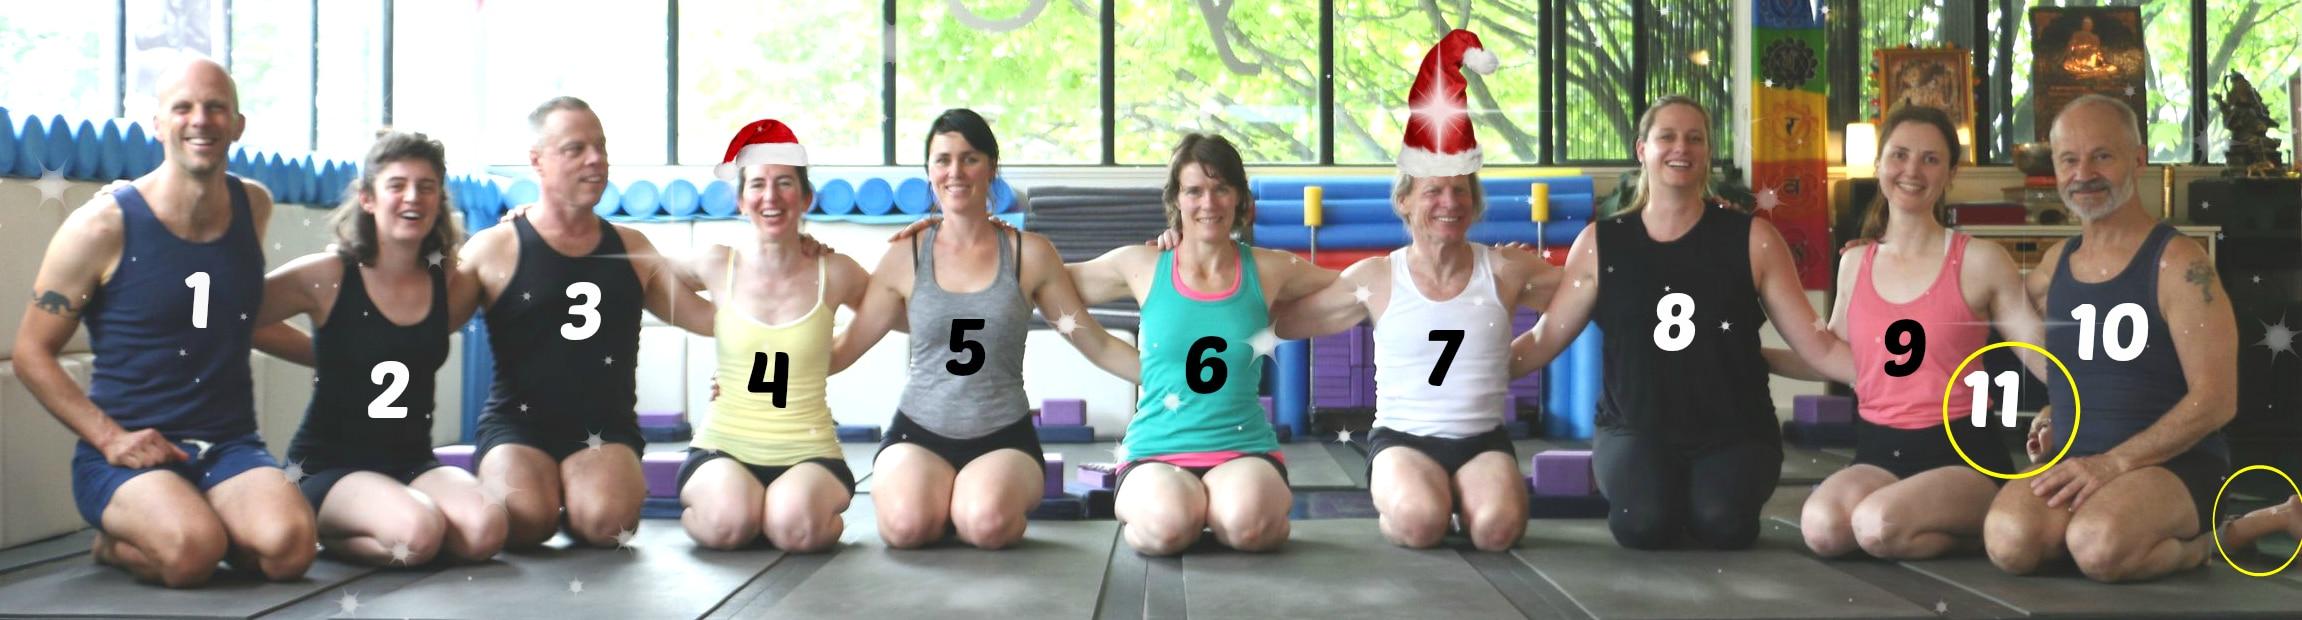 11-Yogareal-Christmas-Yogies_J3.jpg